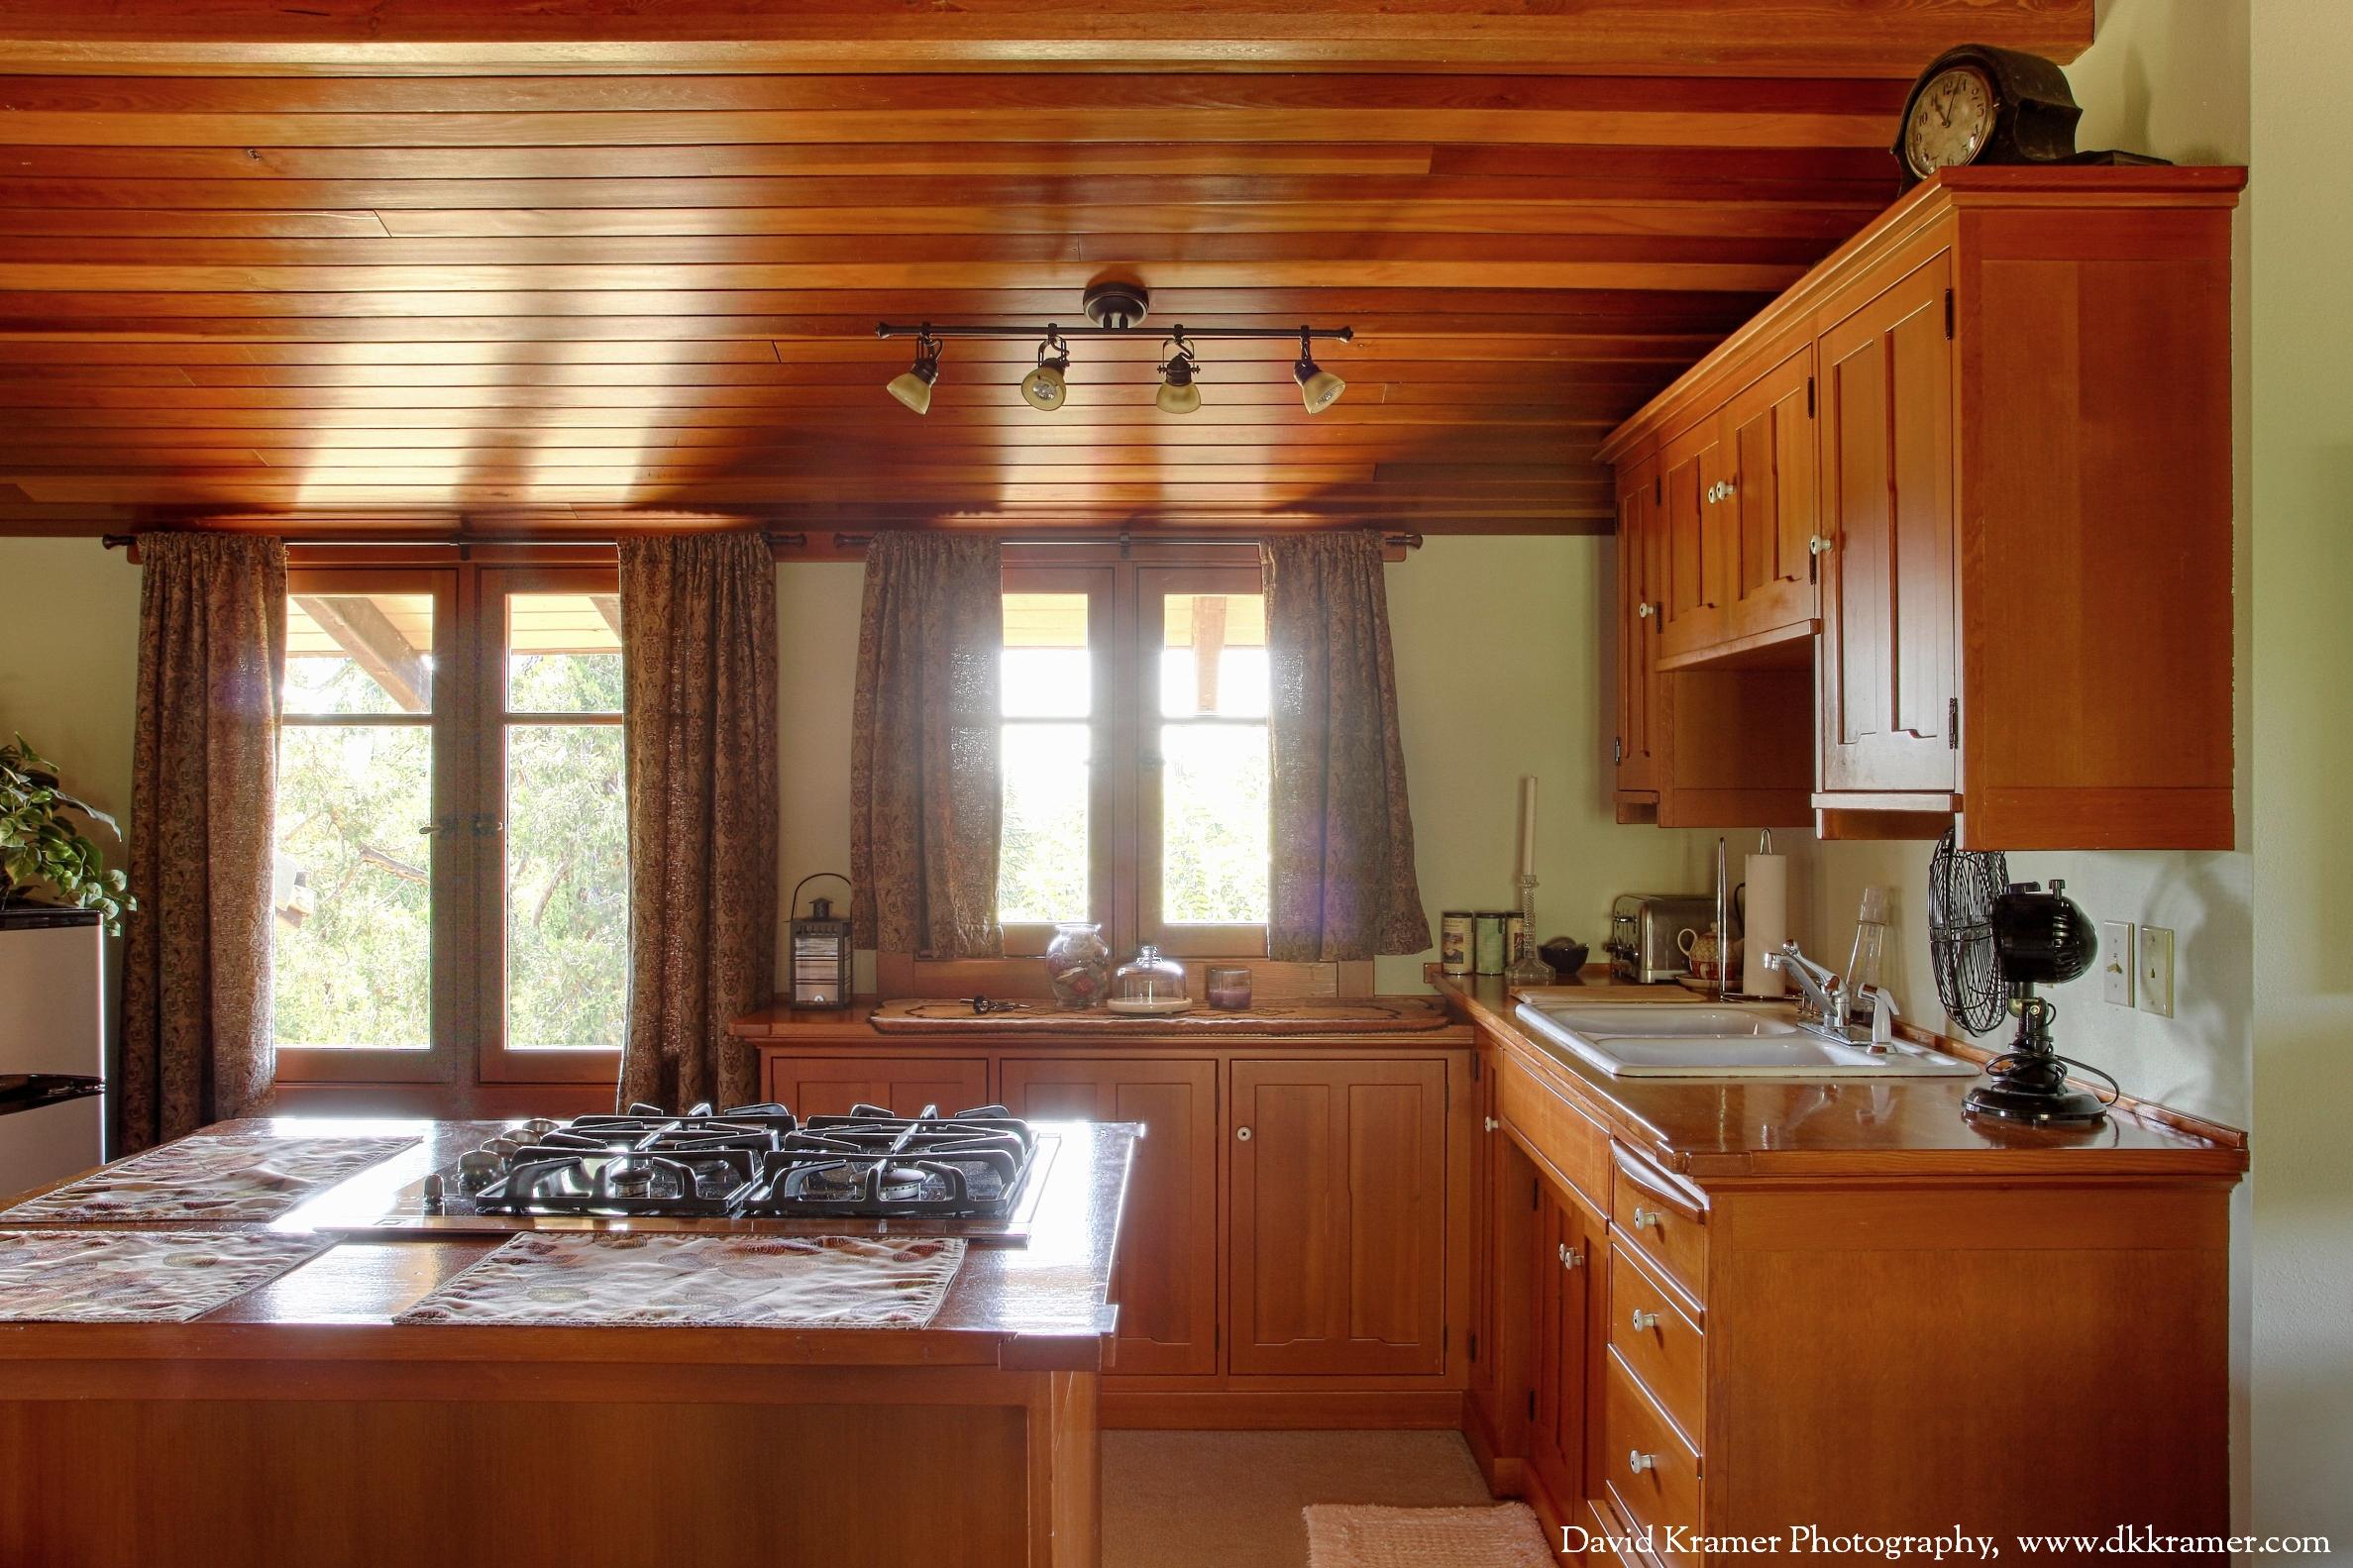 dkp-lilac-guest-house-06